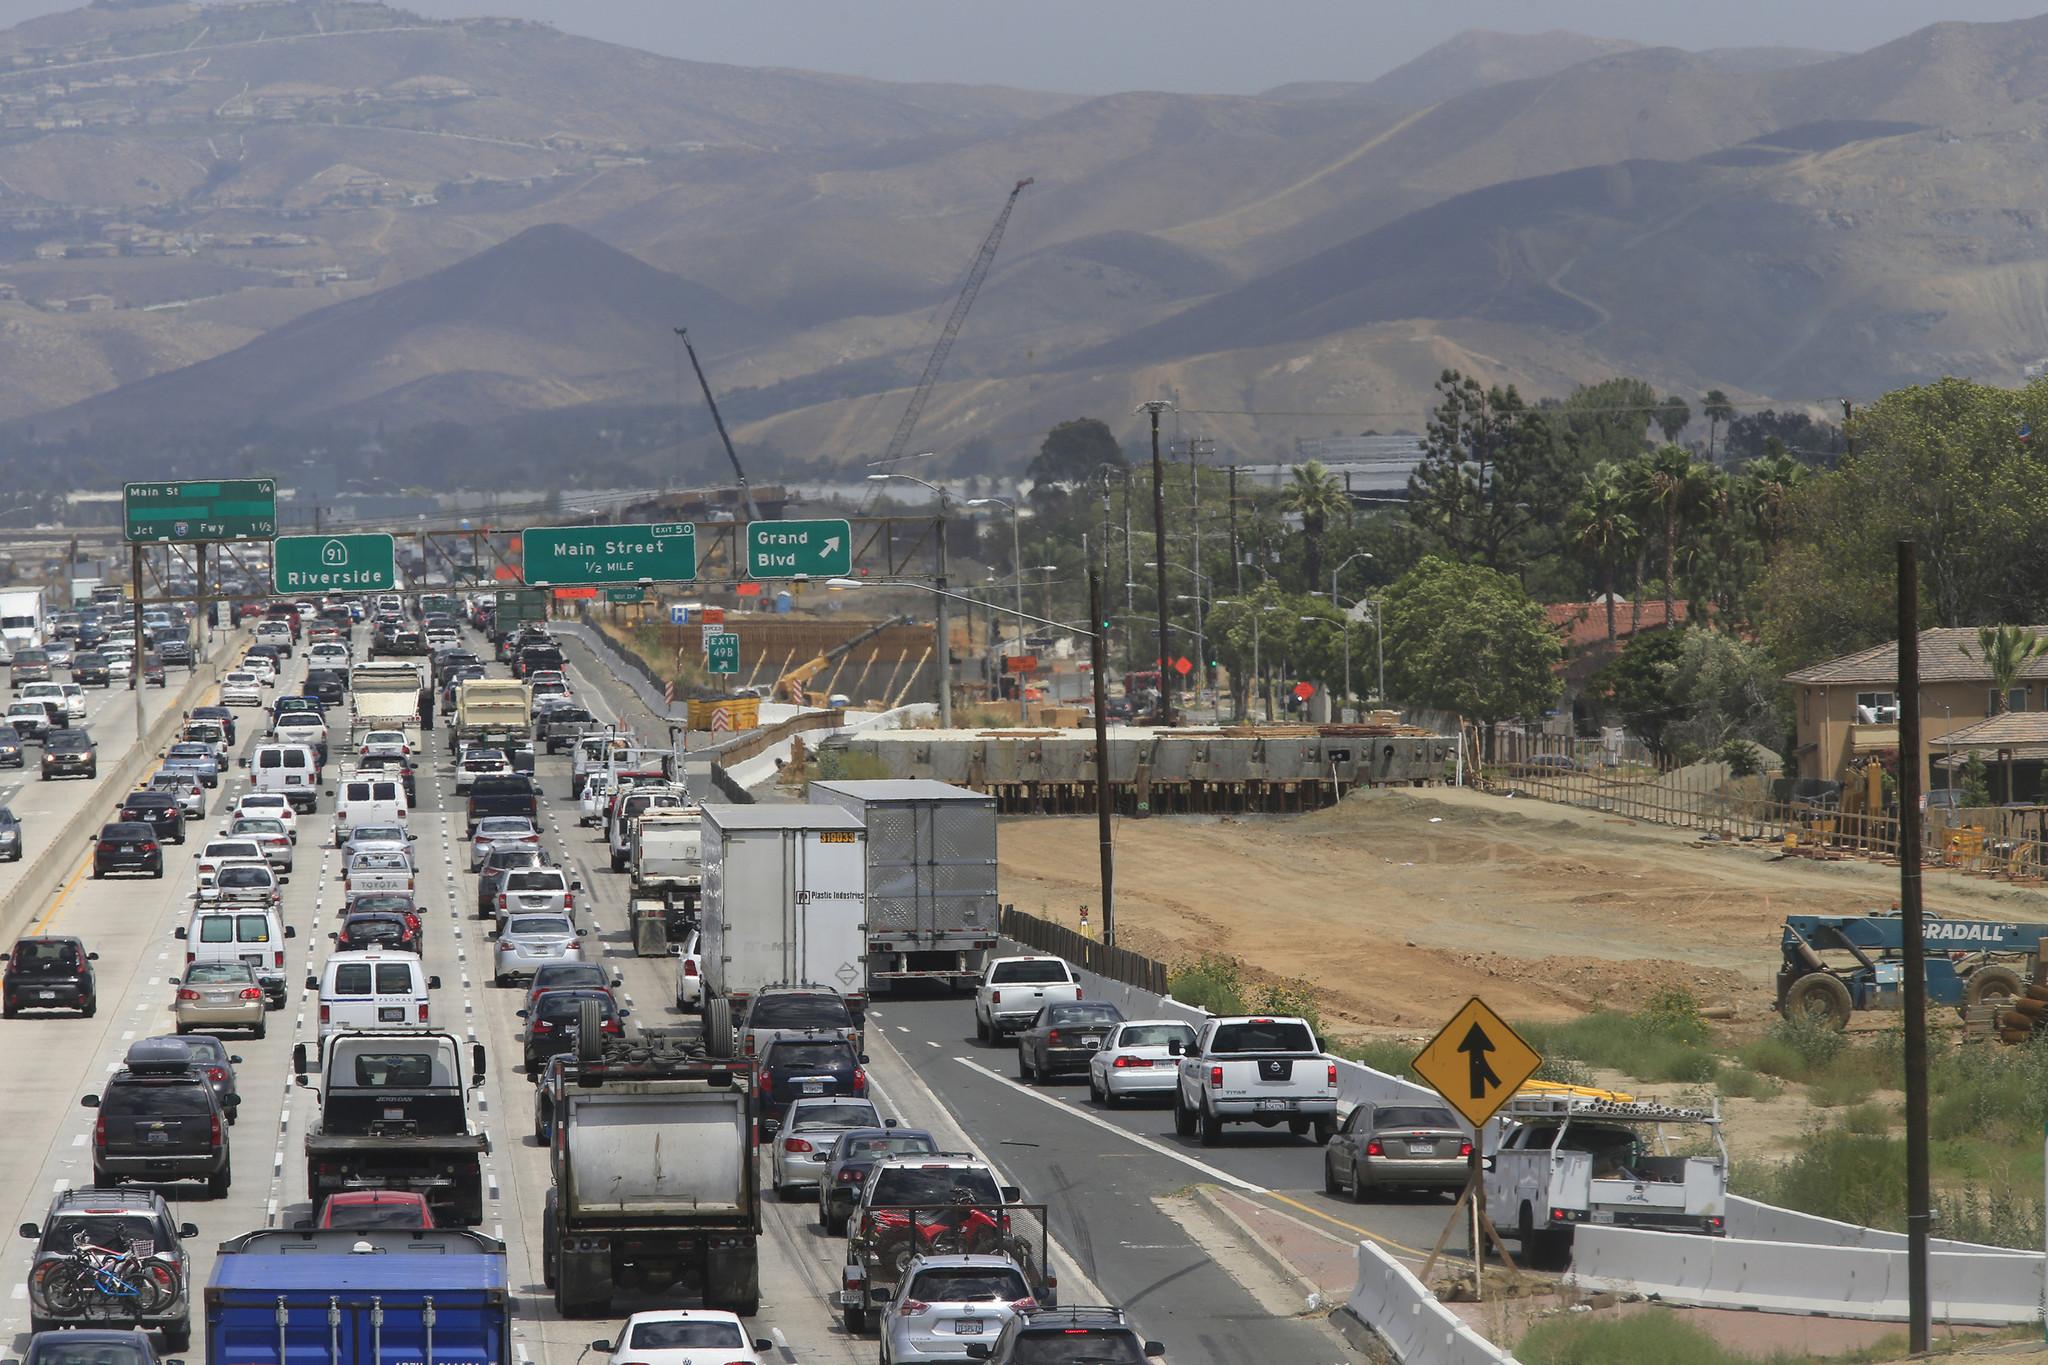 91 Freeway Closure This Weekend – Wonderful Image Gallery